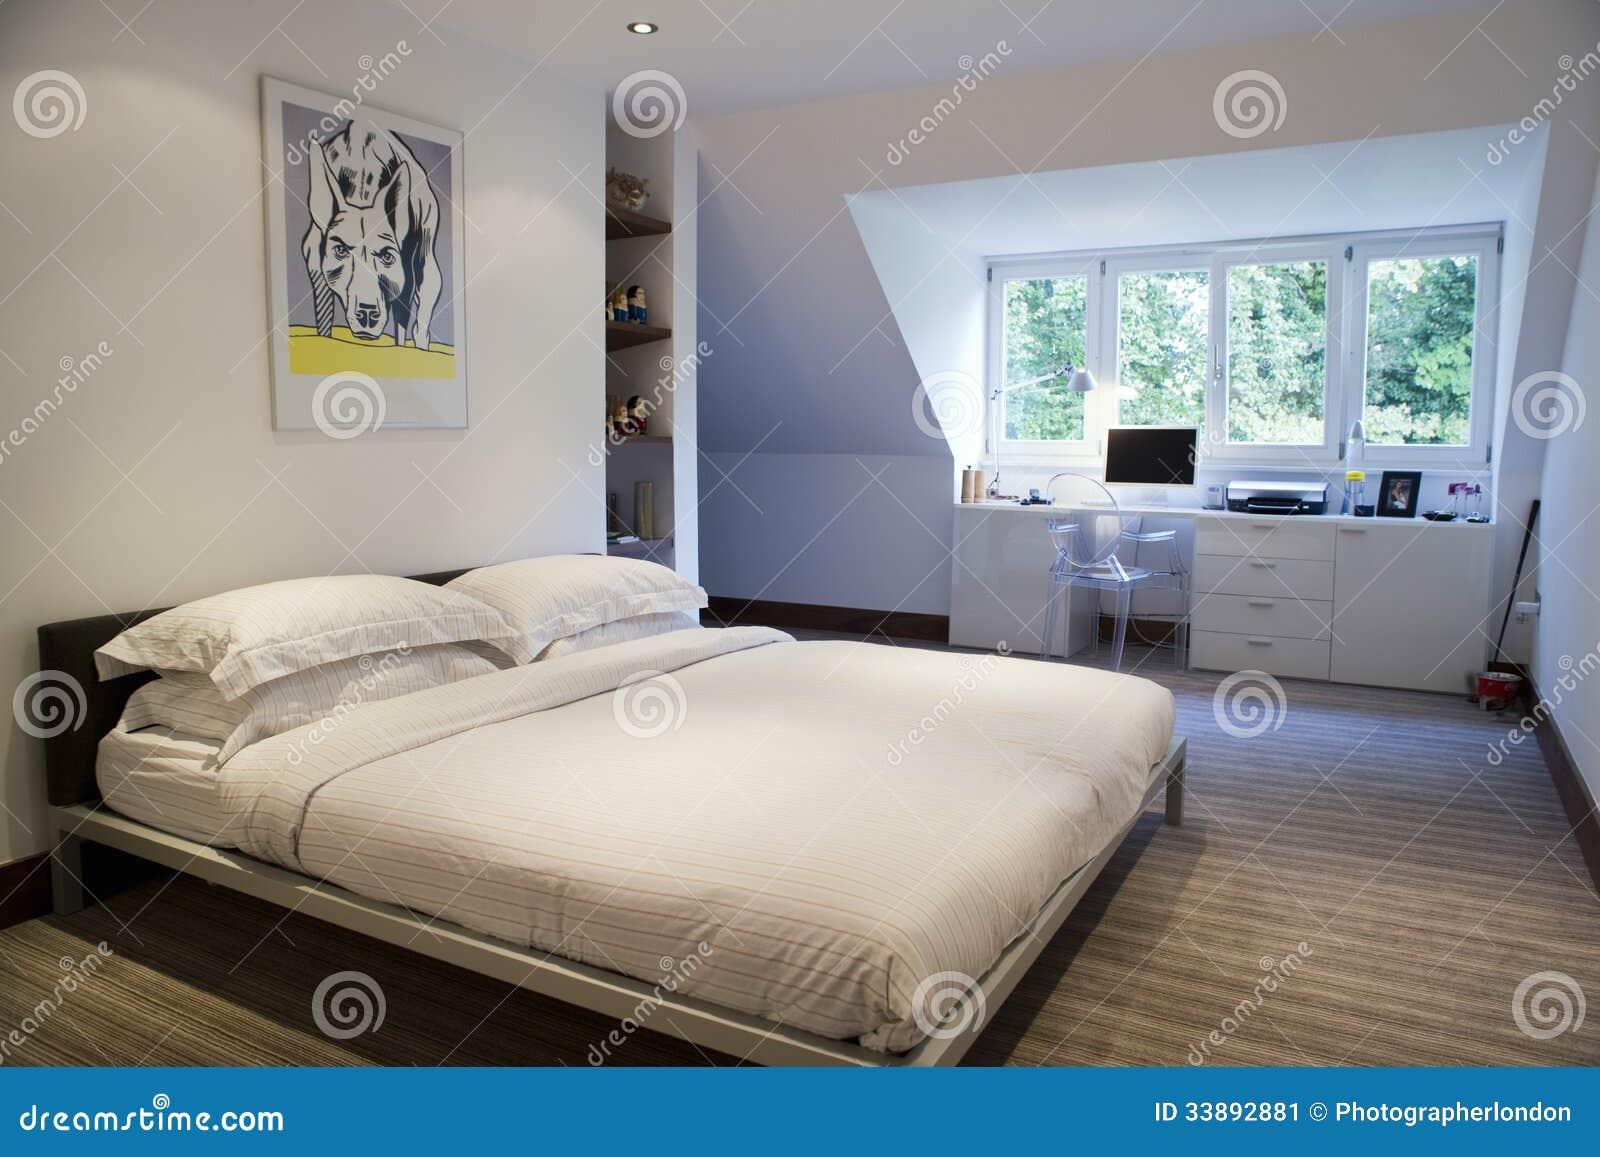 Area di studio in camera da letto immagine stock for Studio in camera da letto